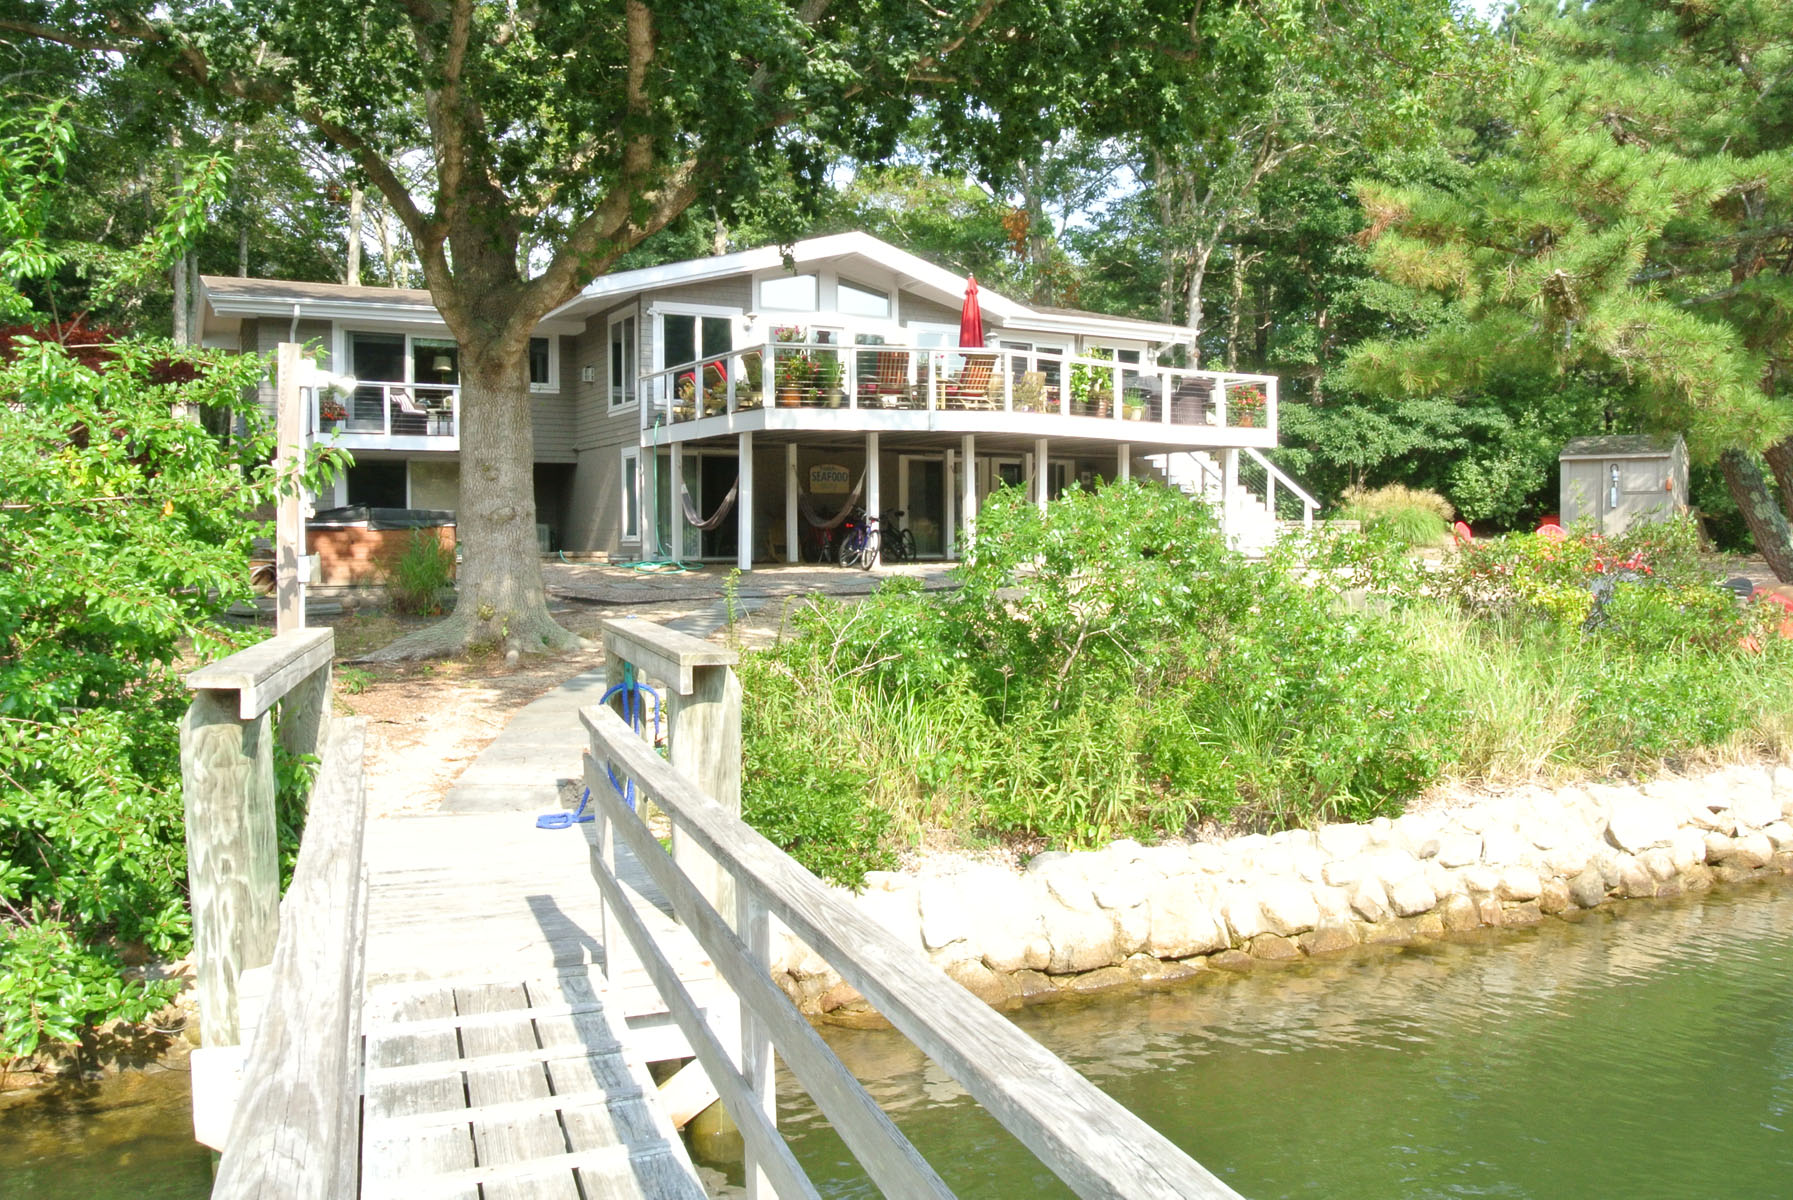 一戸建て のために 売買 アット WATERFRONT HOME WITH DOCK 14 Capstan Circle New Seabury, マサチューセッツ, 02649 アメリカ合衆国